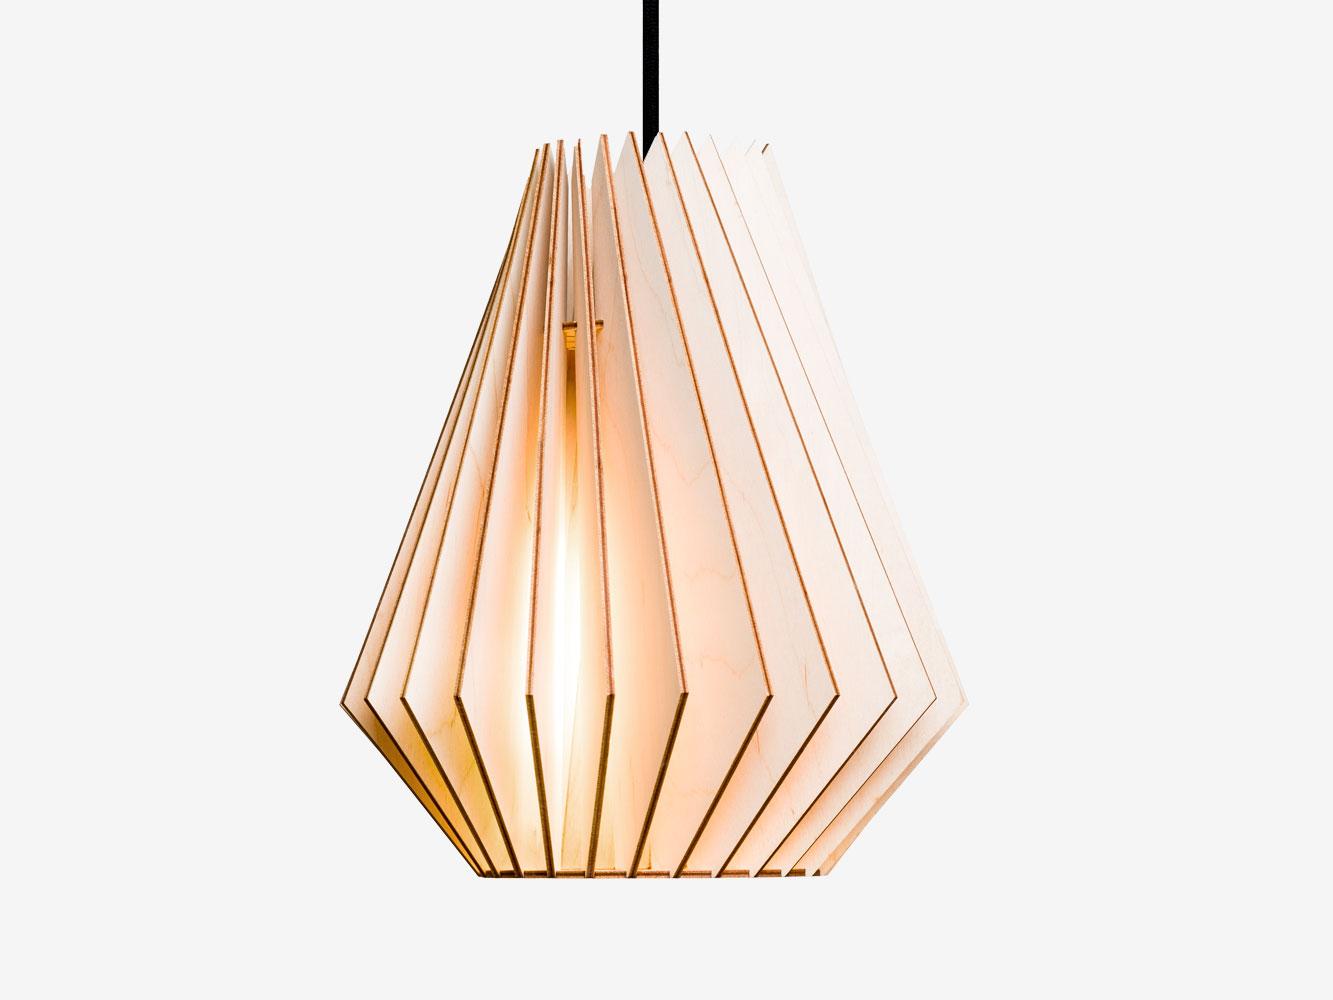 wood lampshade